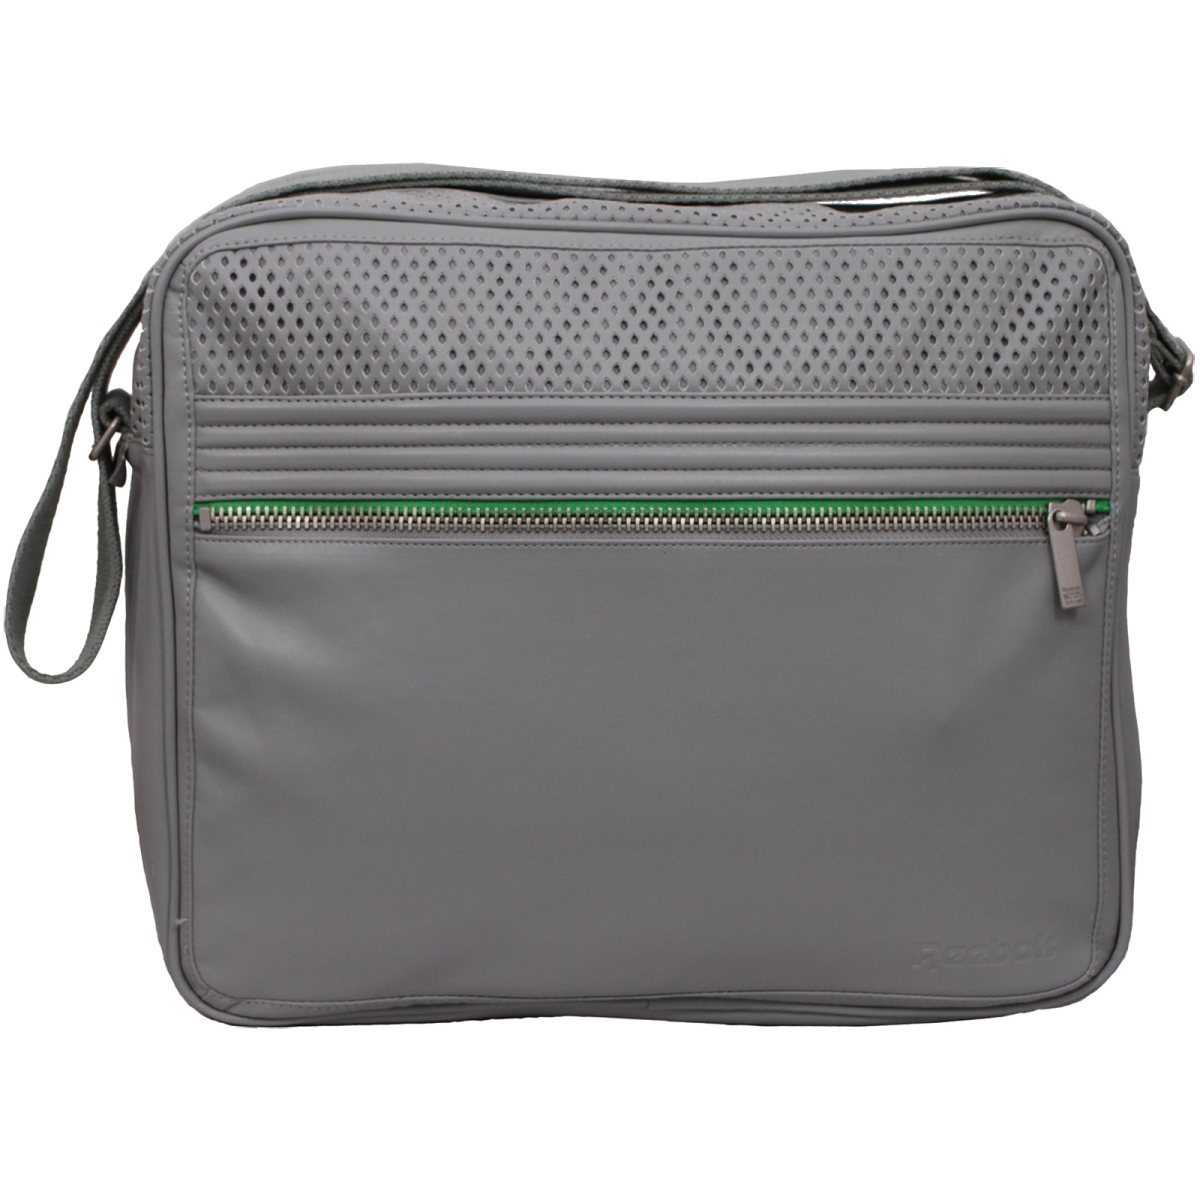 Reebok Shoulder Bag šedá Jednotná - Glami.cz d0e2b5fd556